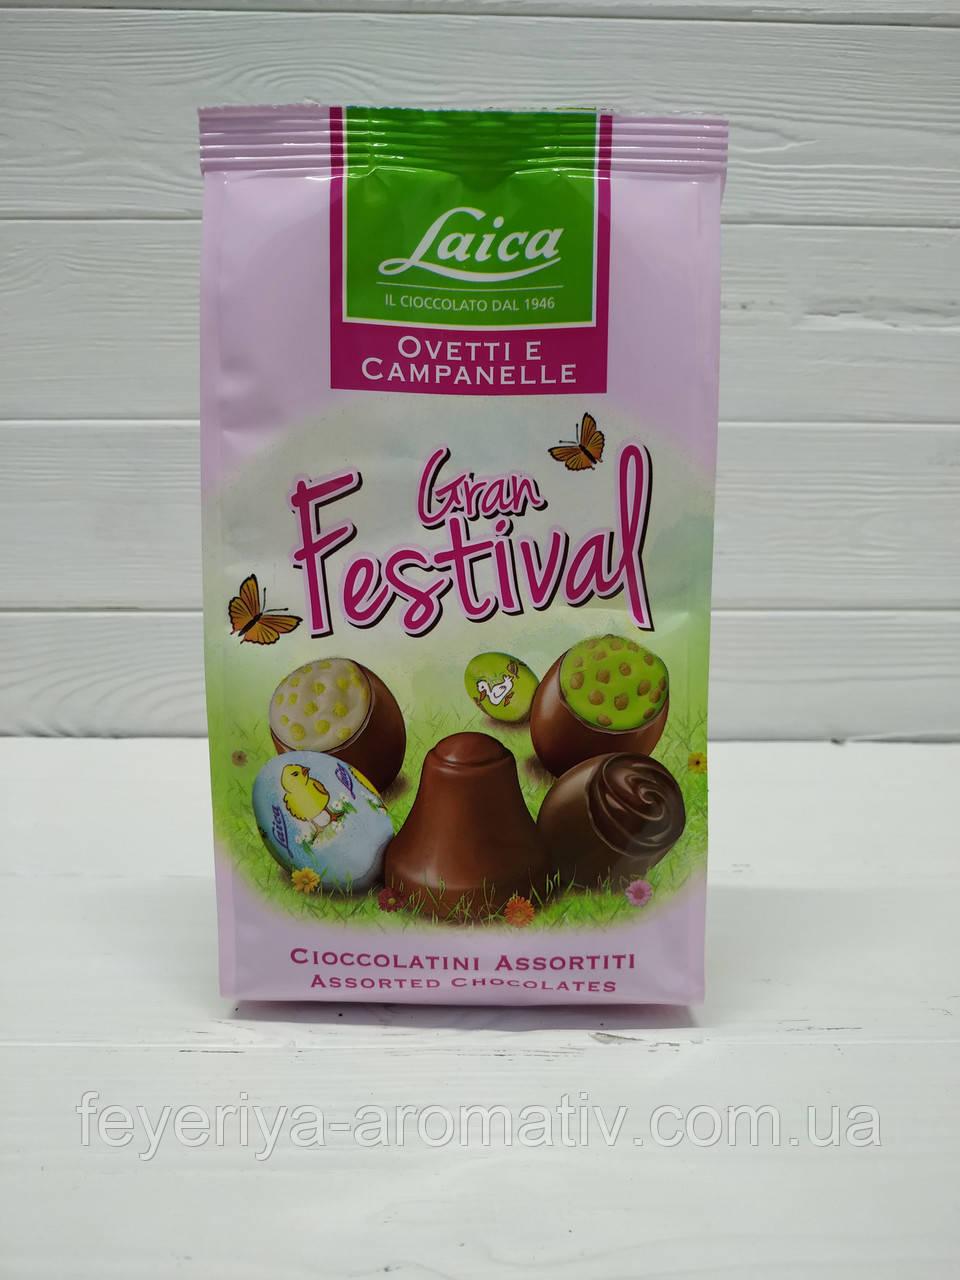 Шоколадные яйца с начинкой Laica Gran festival асорти, 275гр (Италия)